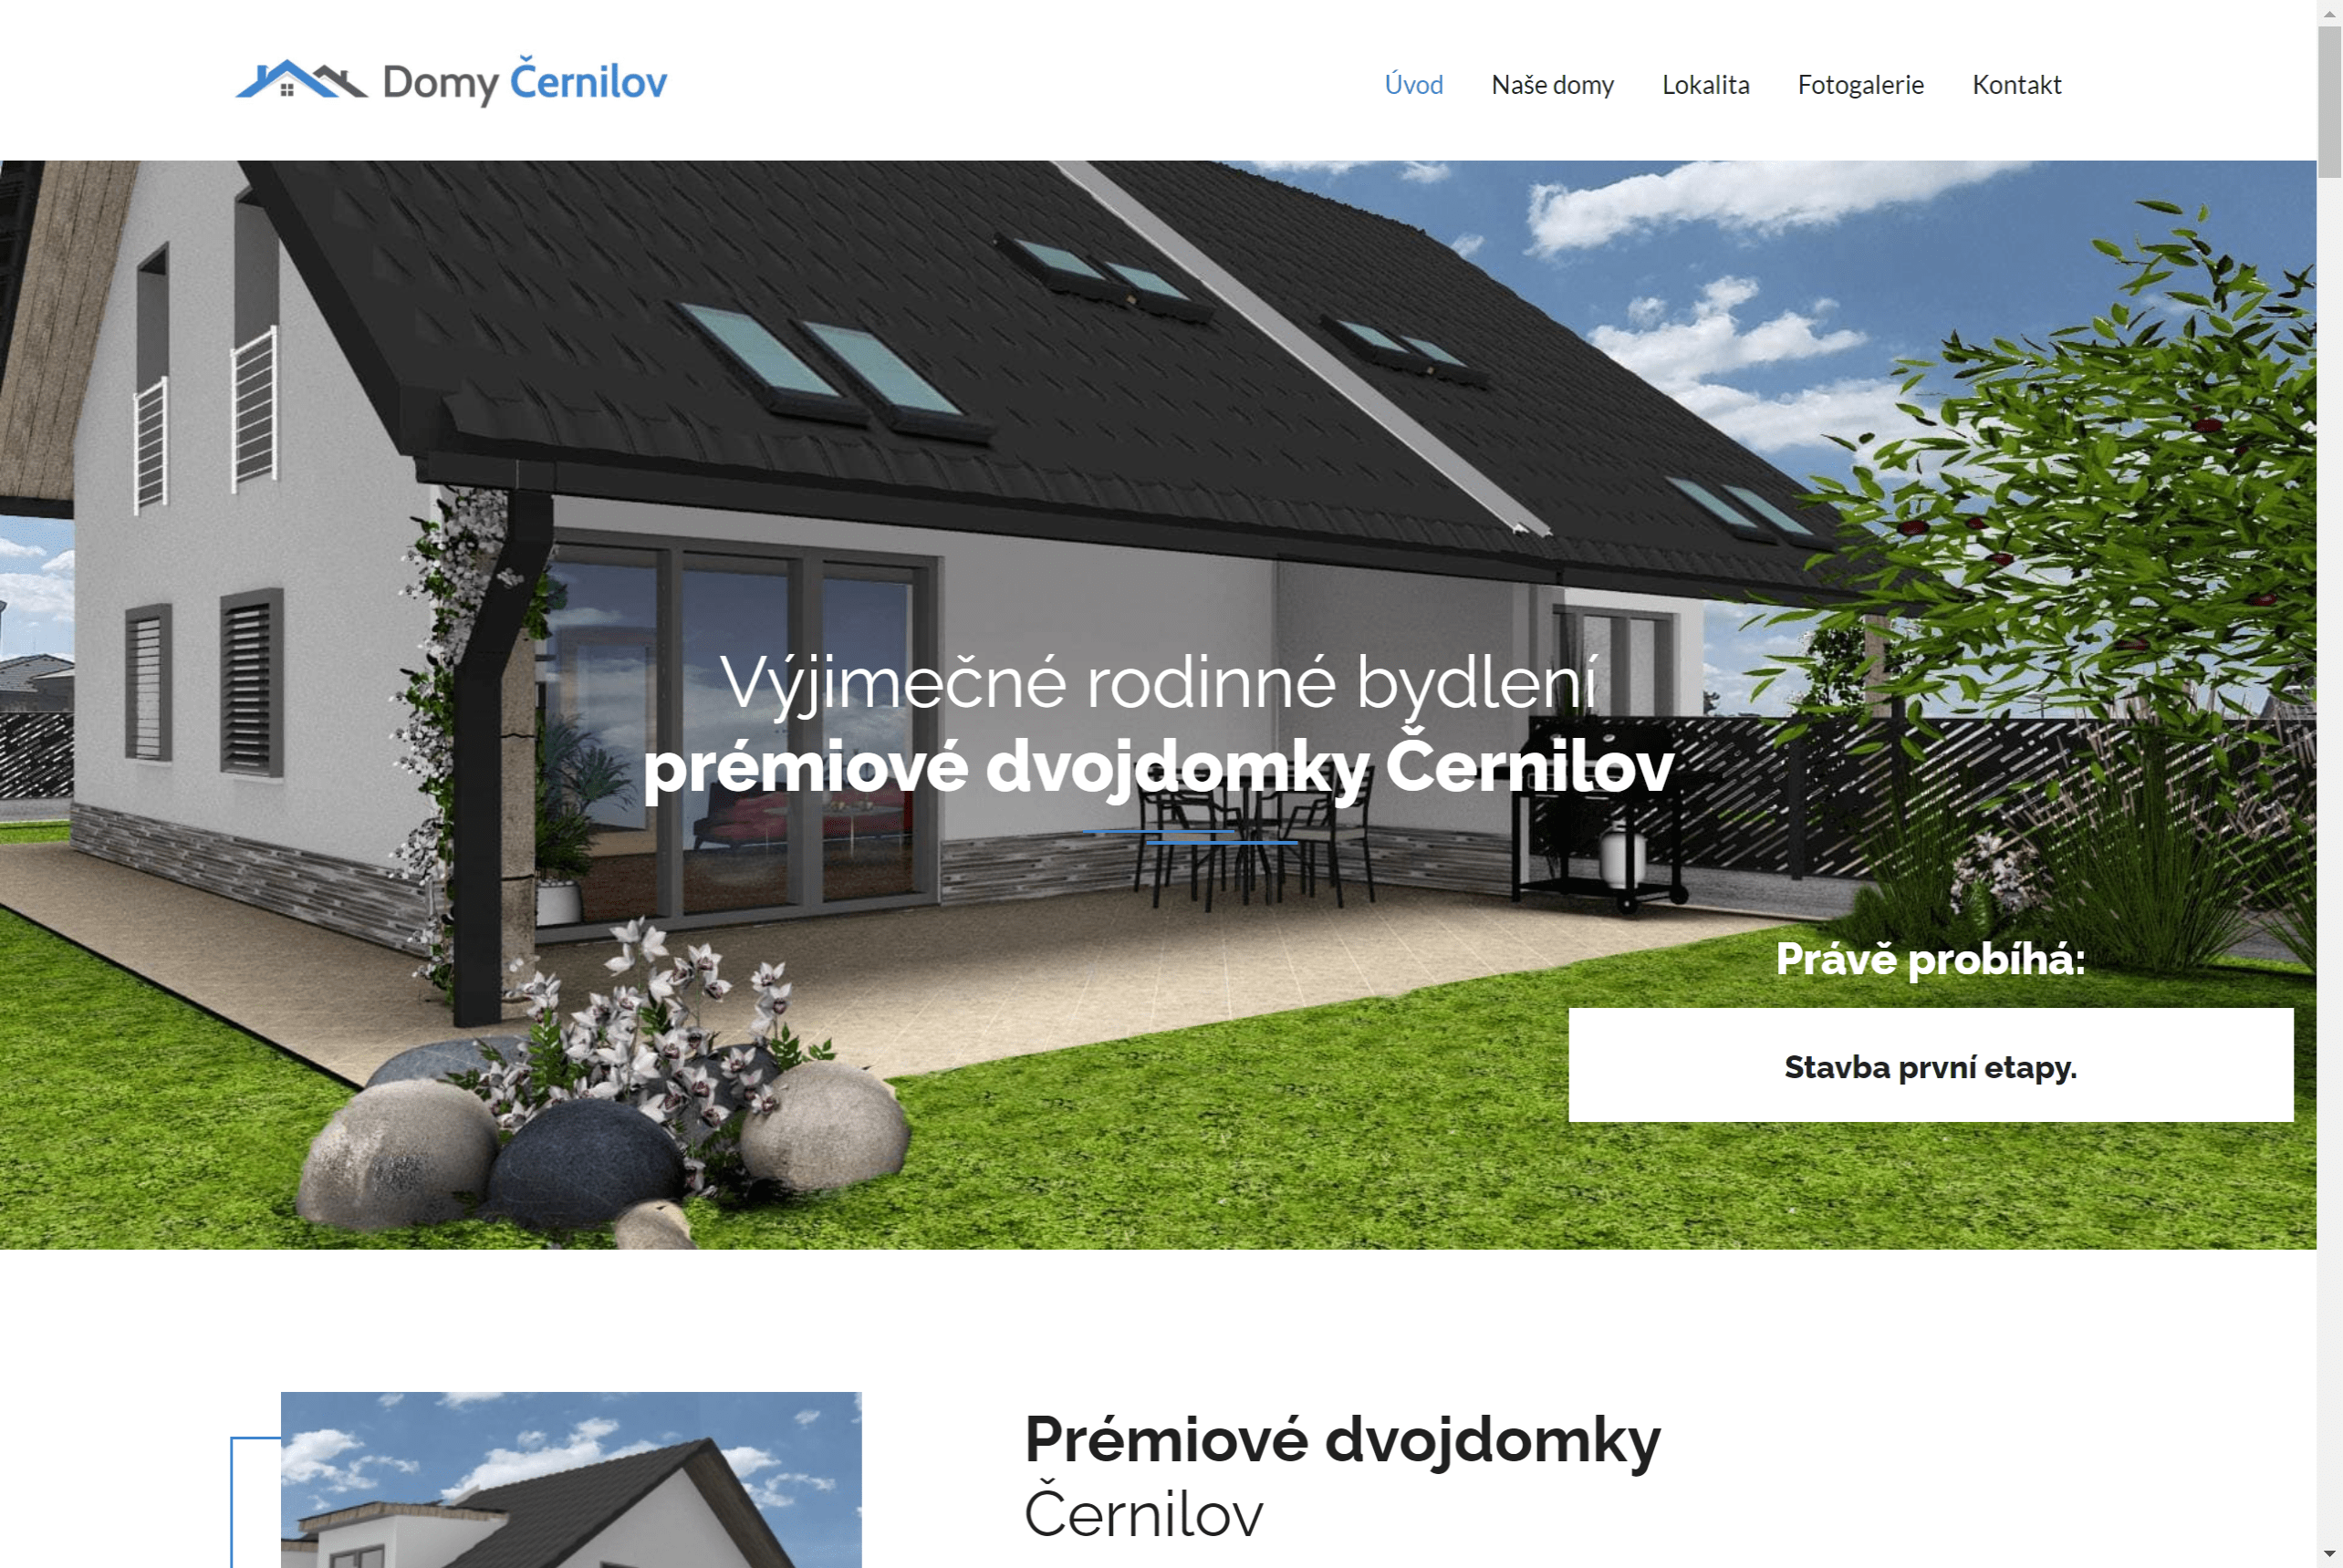 Domy Černilov – developerský projekt